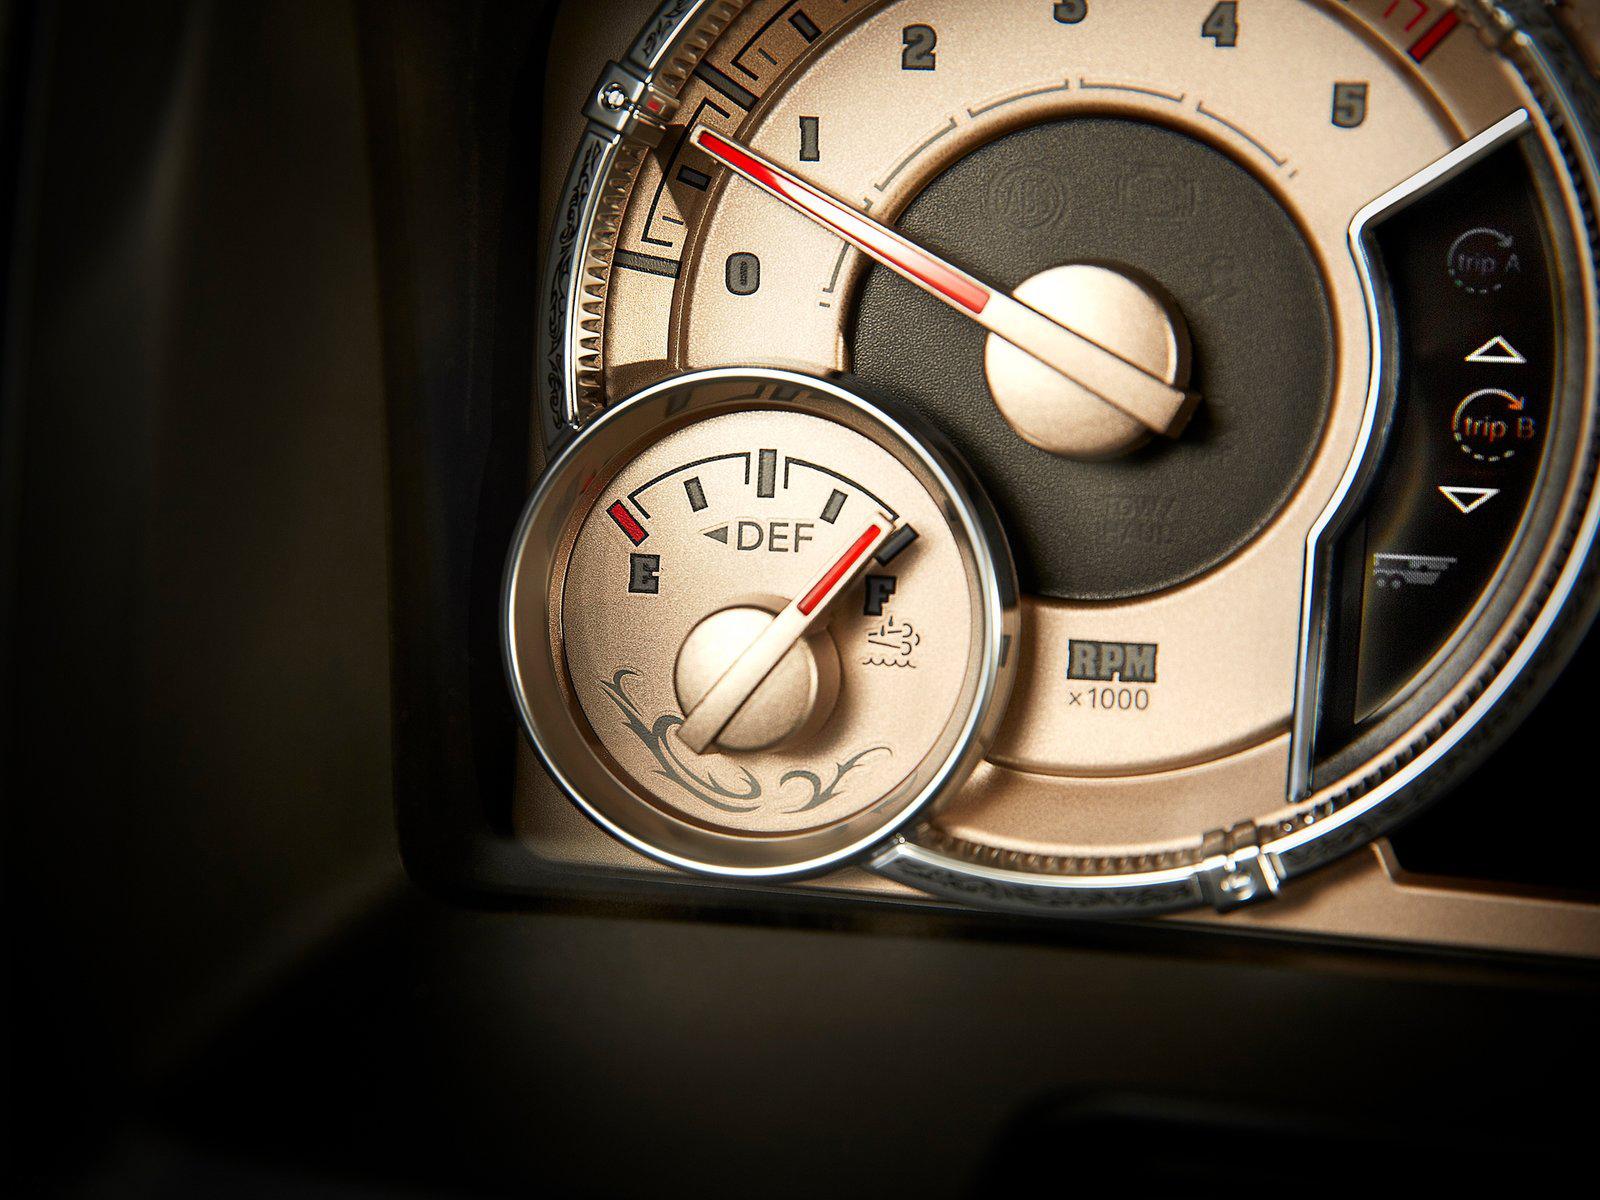 2012 Ram Longhorn gauge design